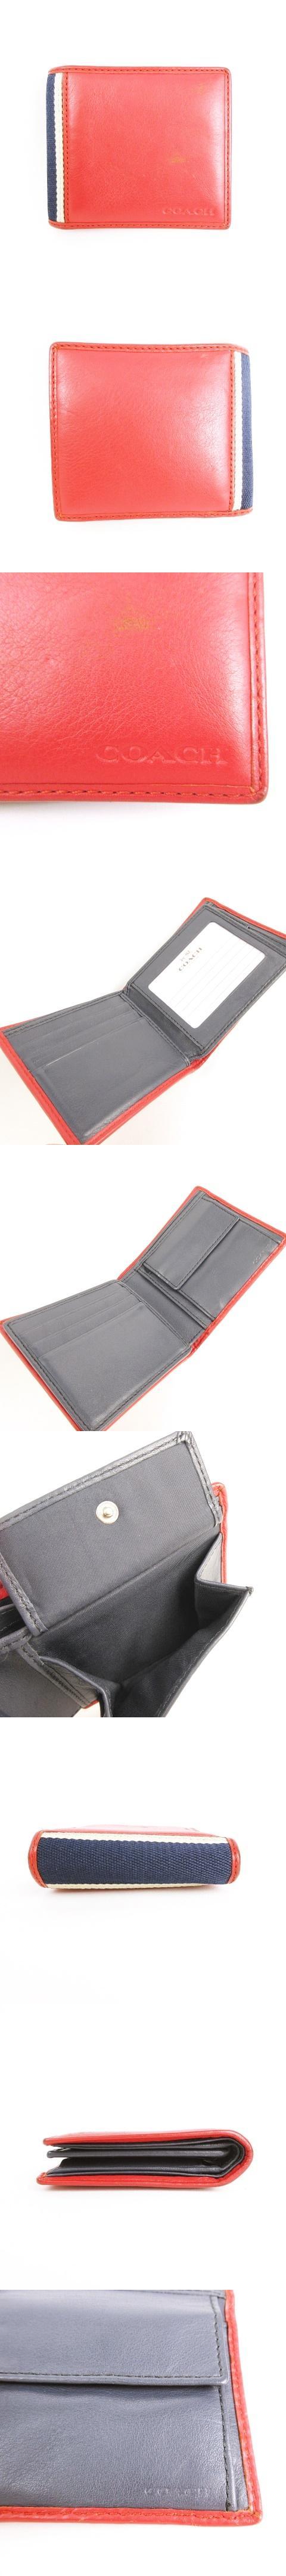 F74617 ヘリテージウェブレザーIDコインウォレット 財布 二つ折り 2つ折り 定期入れ パスケース 小銭入れ ポケット多数あり レザー レッド × ネイビー 紺 赤